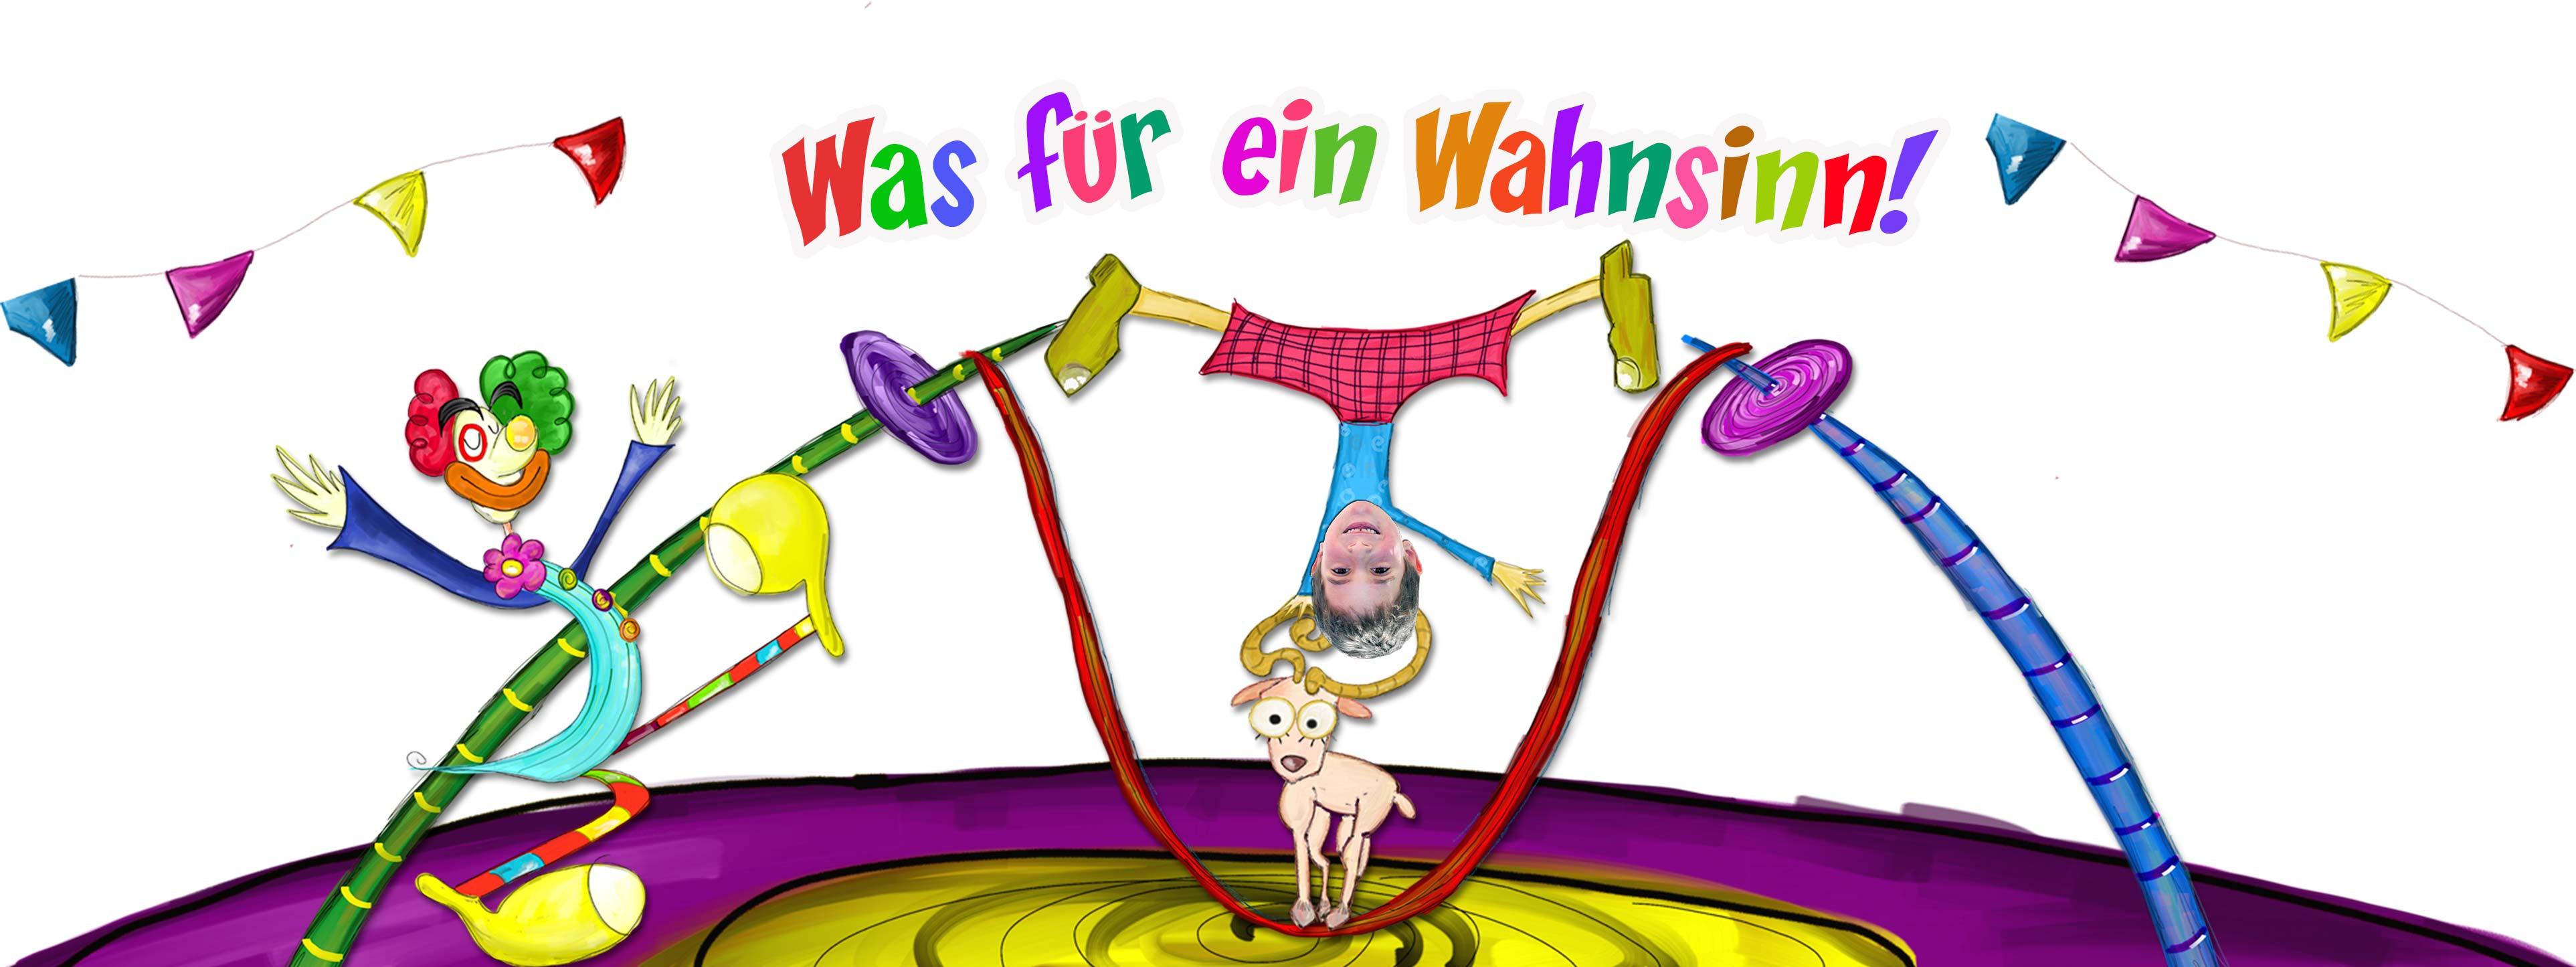 Personalisierte kinderbücher: Zirkus und seiner Tiere - Produkt- Kopfzeile